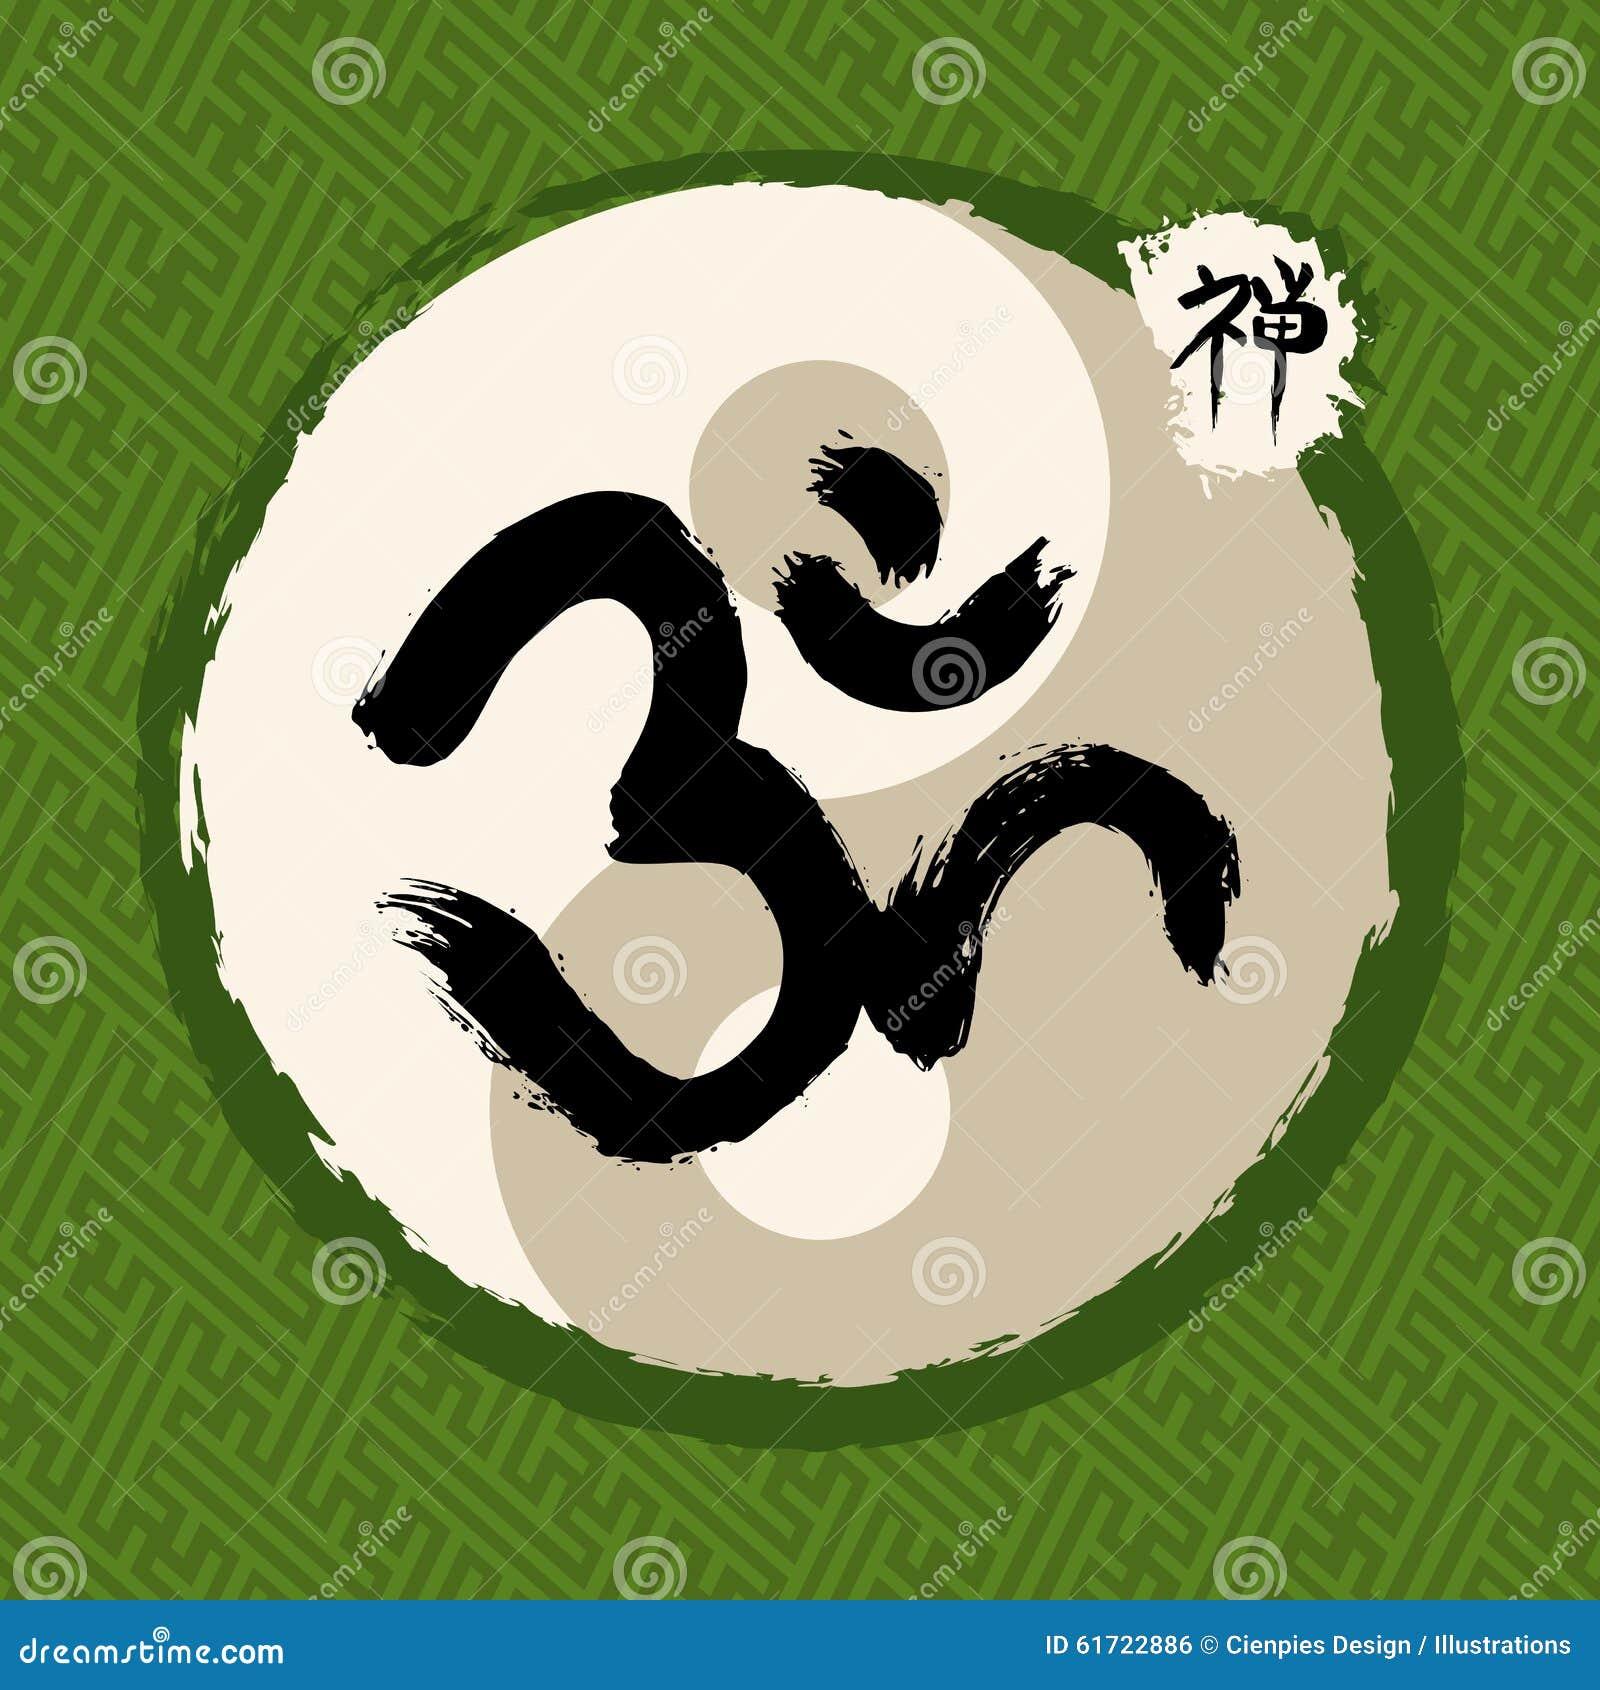 绿色禅宗圈子和瑜伽例证传统enso om